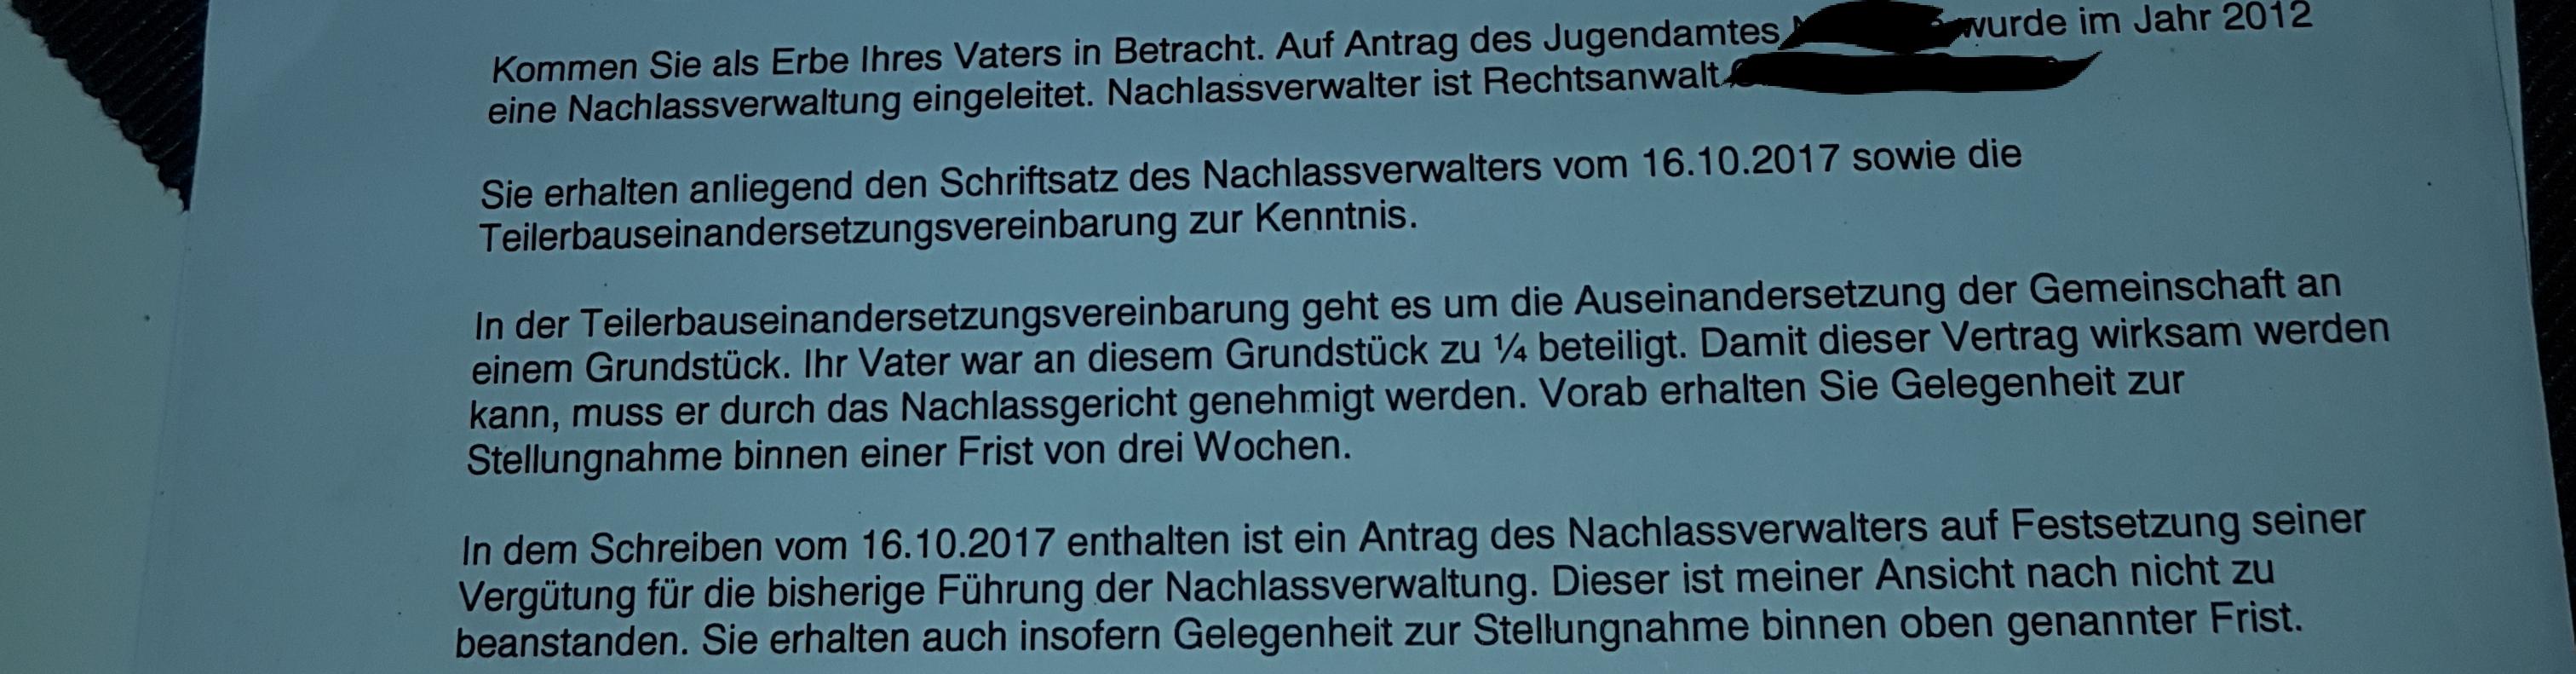 Stellungnahme Amtsgericht Fur Erbe Was Tun Recht Gericht